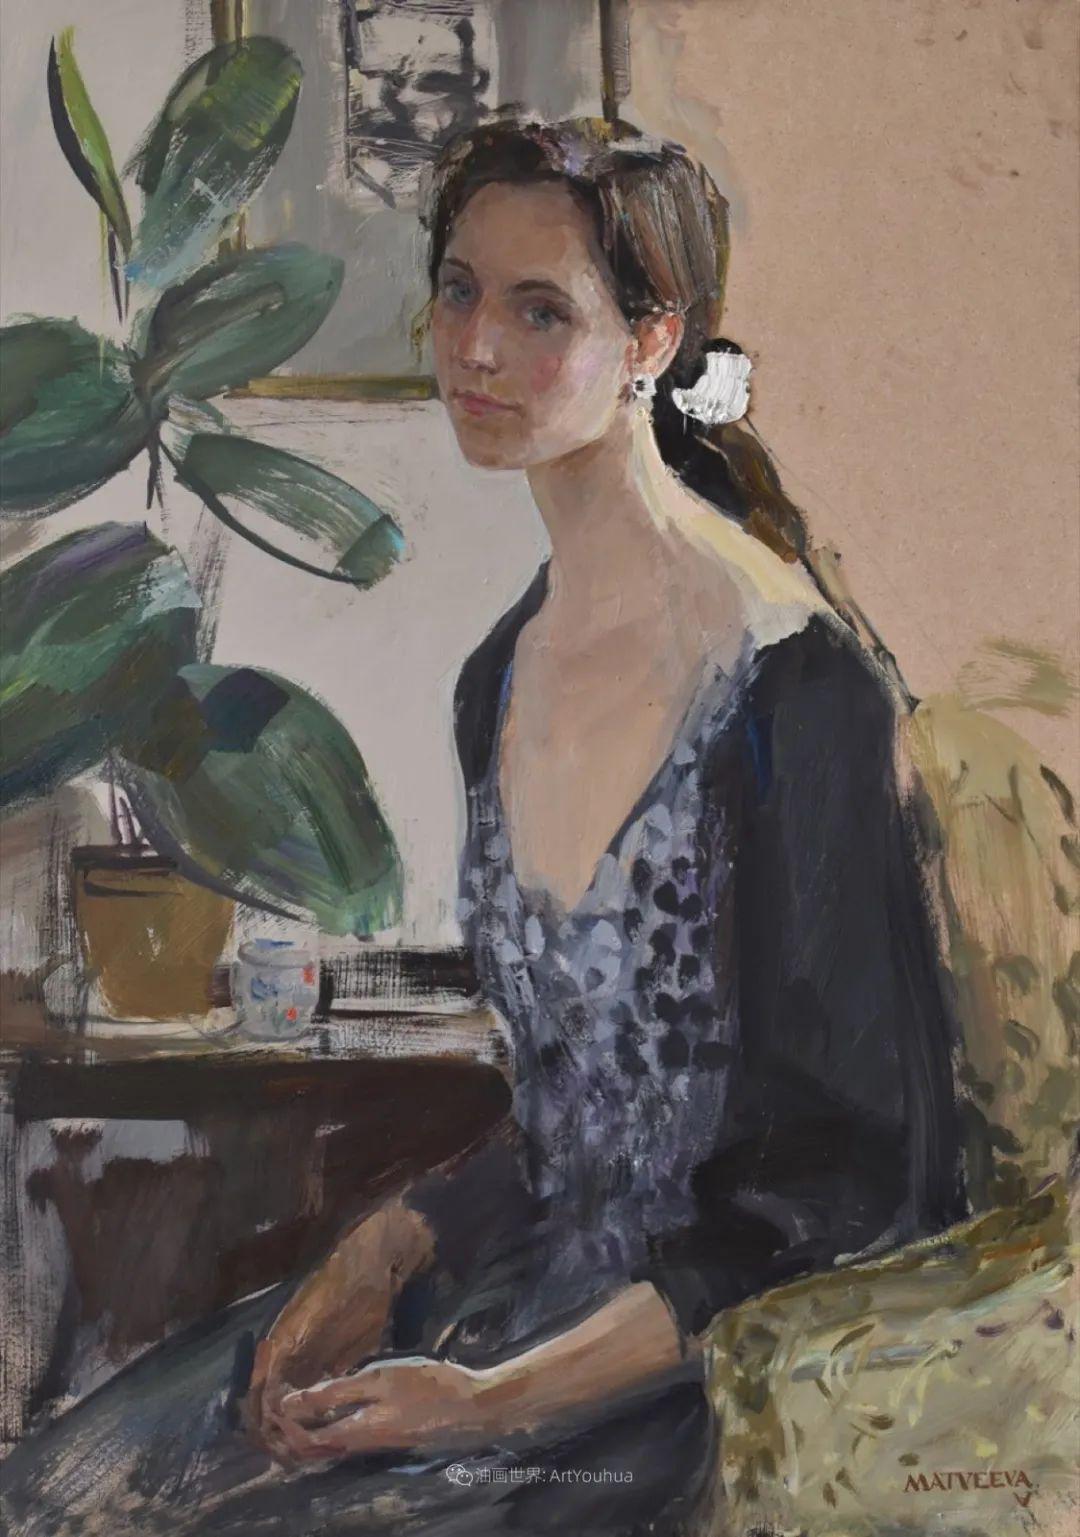 超美的具象油画色彩,俄罗斯青年女画家Anastasiya Matveeva插图29